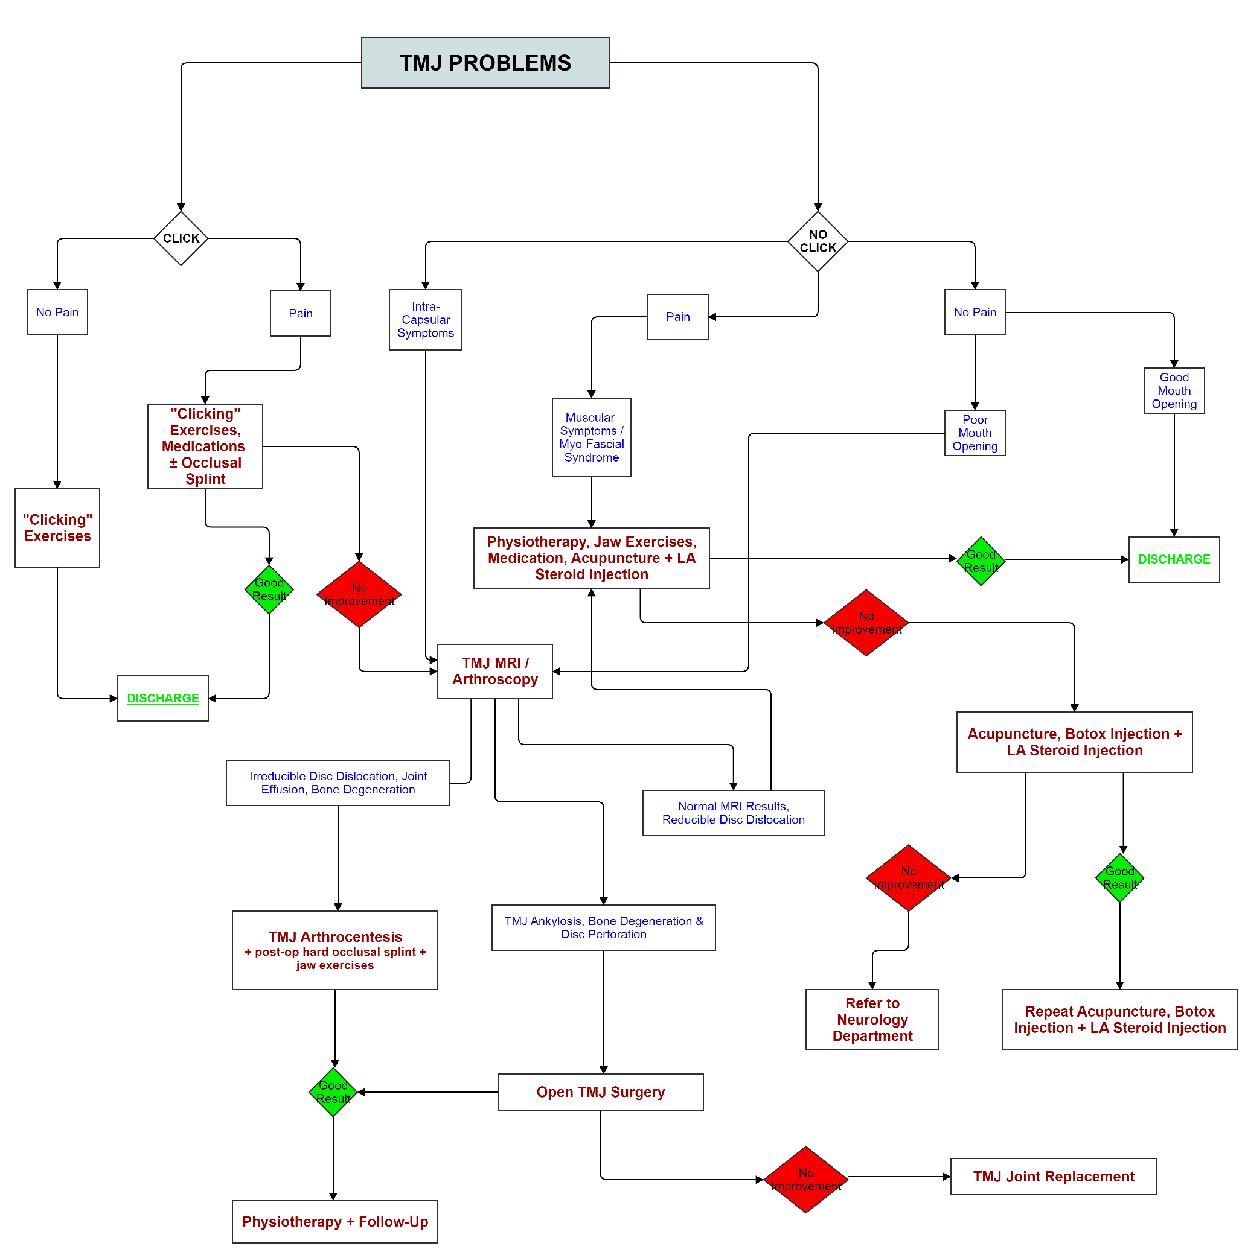 ss_tmj_treatment_tree2-1245x1255